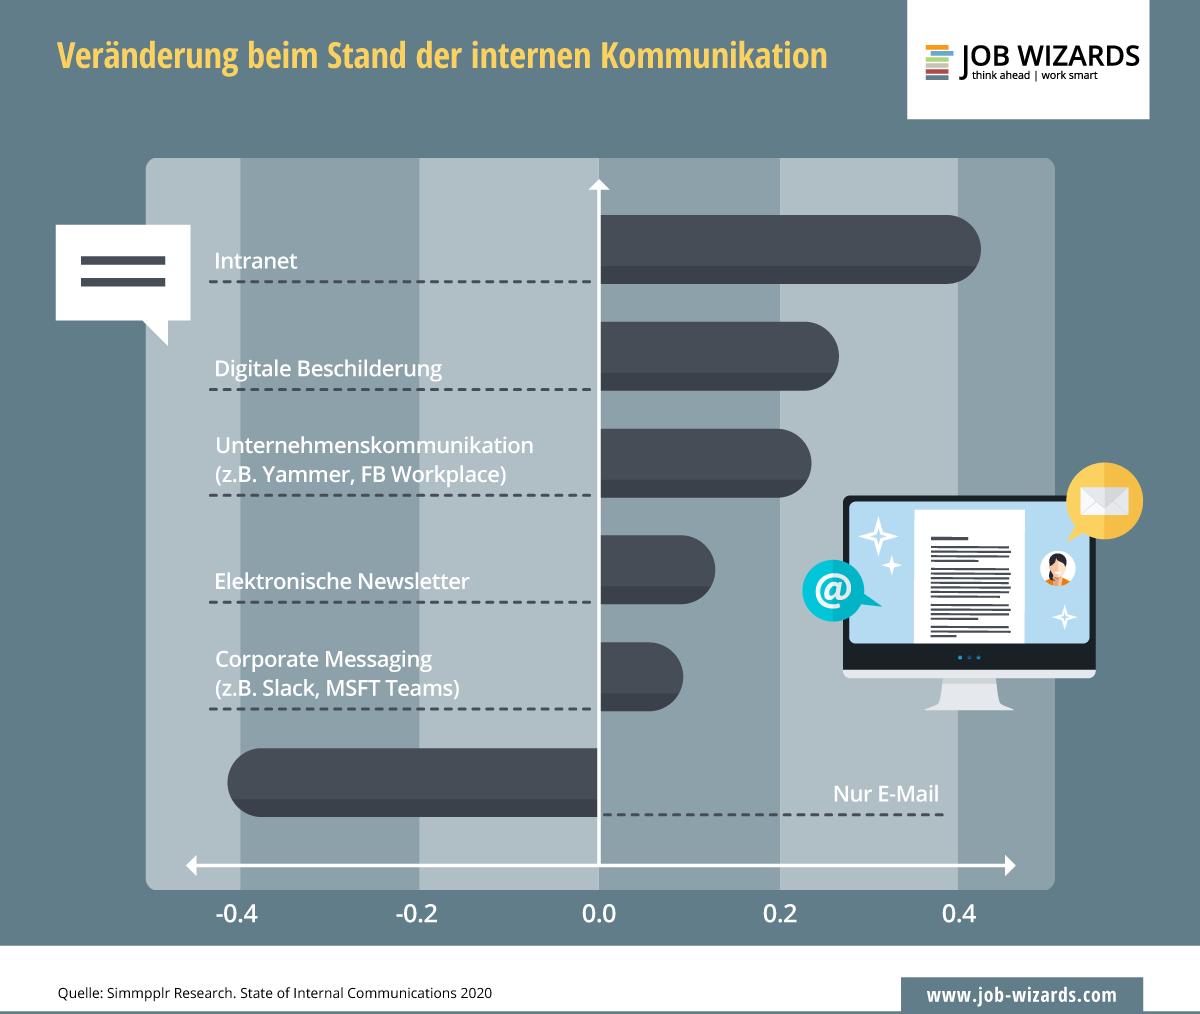 Infografik zur Veränderung der internen Kommunikation durch ein Intranet